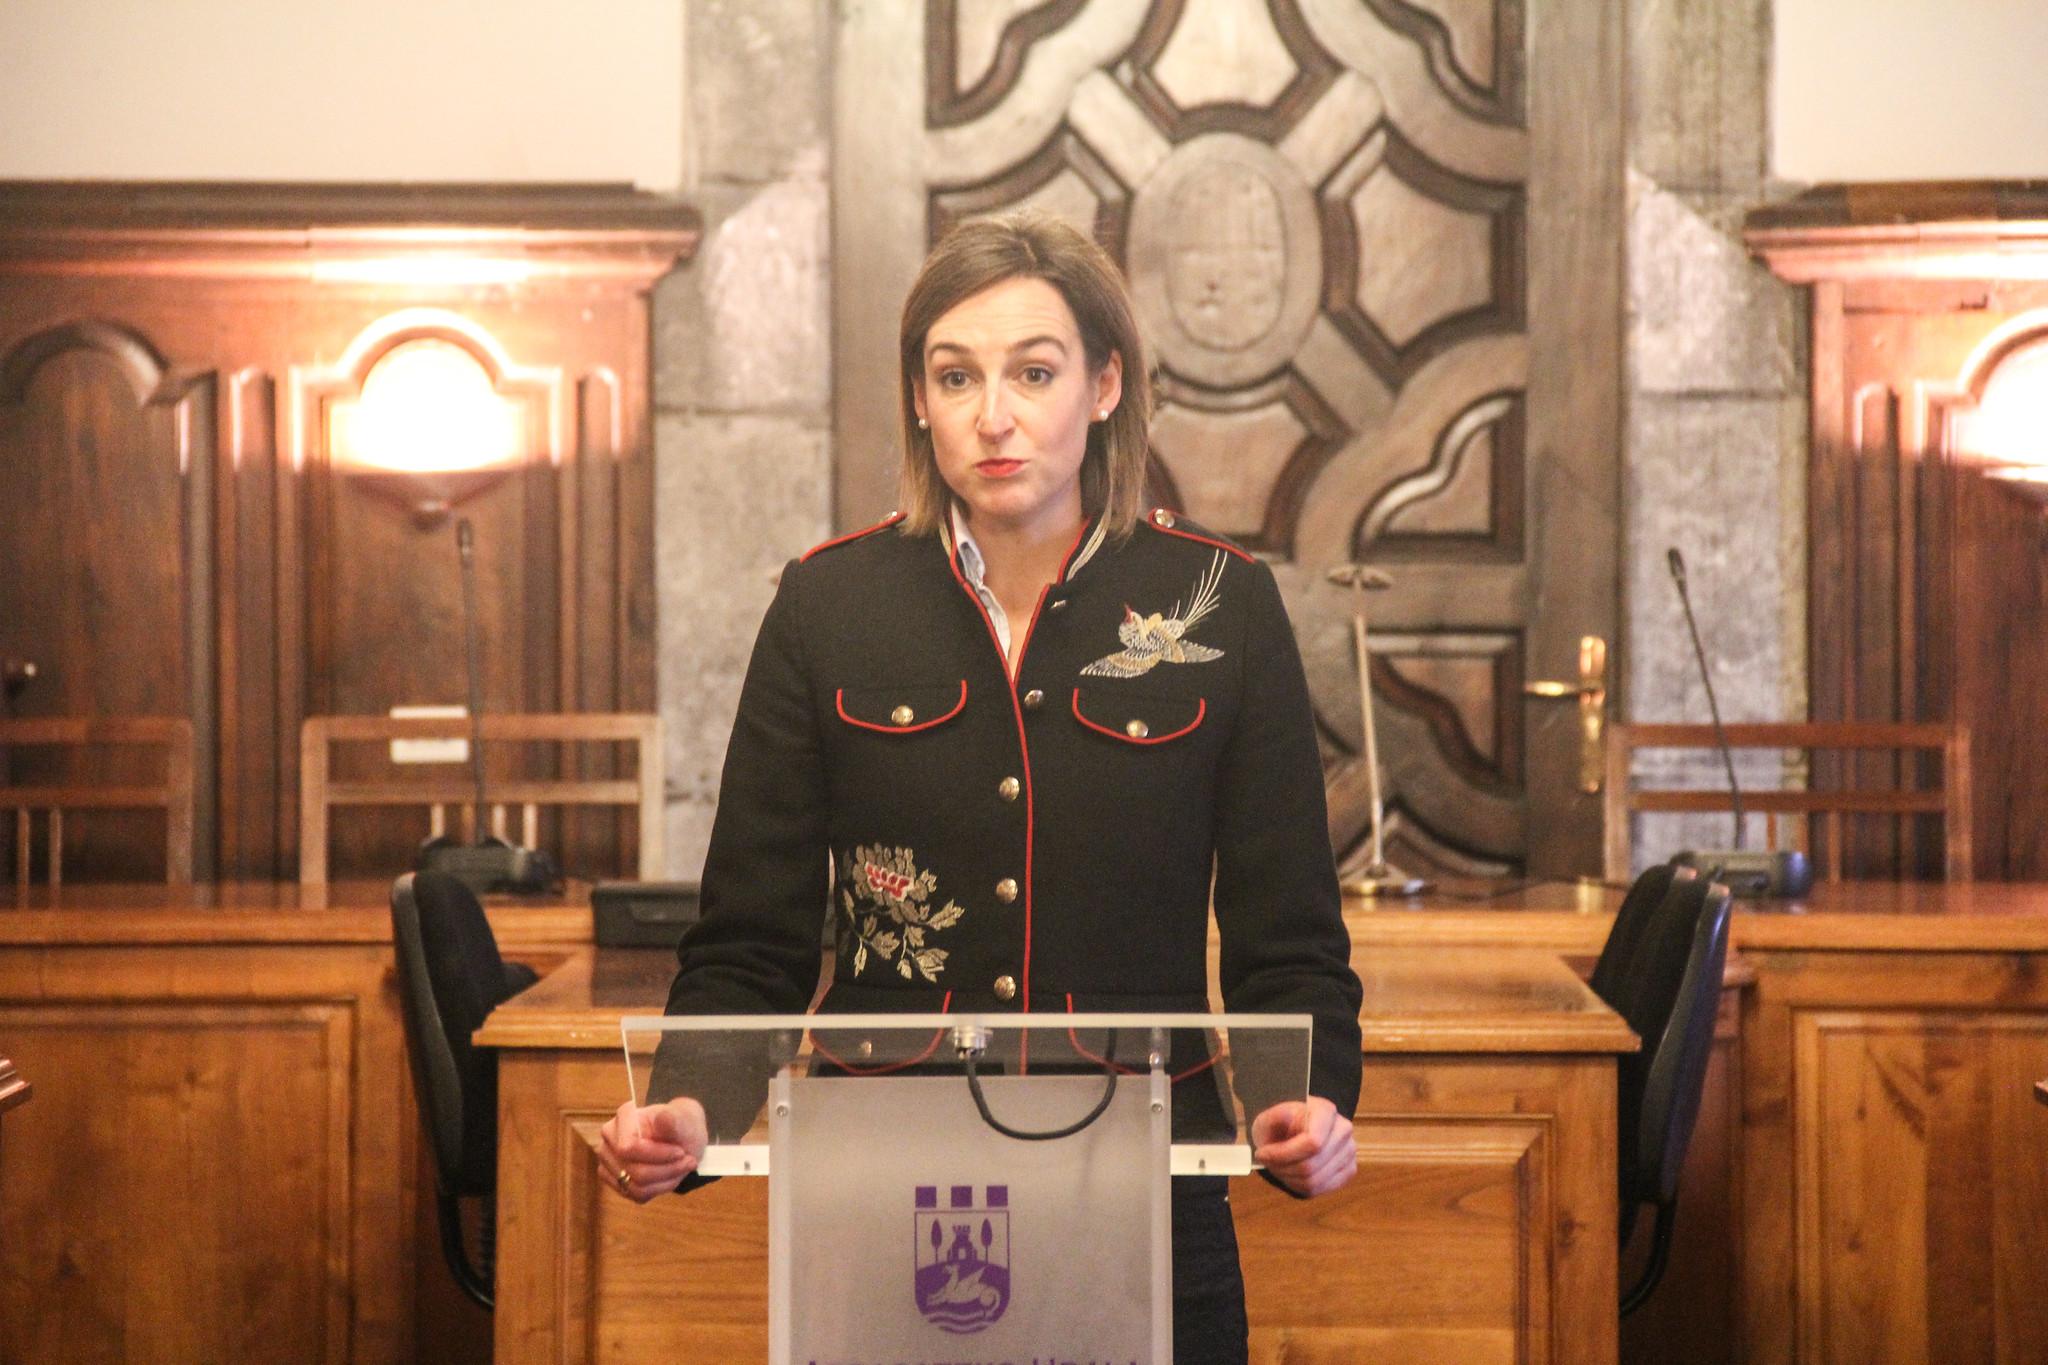 Un cuadro de Arizmendiarrieta presidirá el salón de plenos del Ayuntamiento de Arrasate